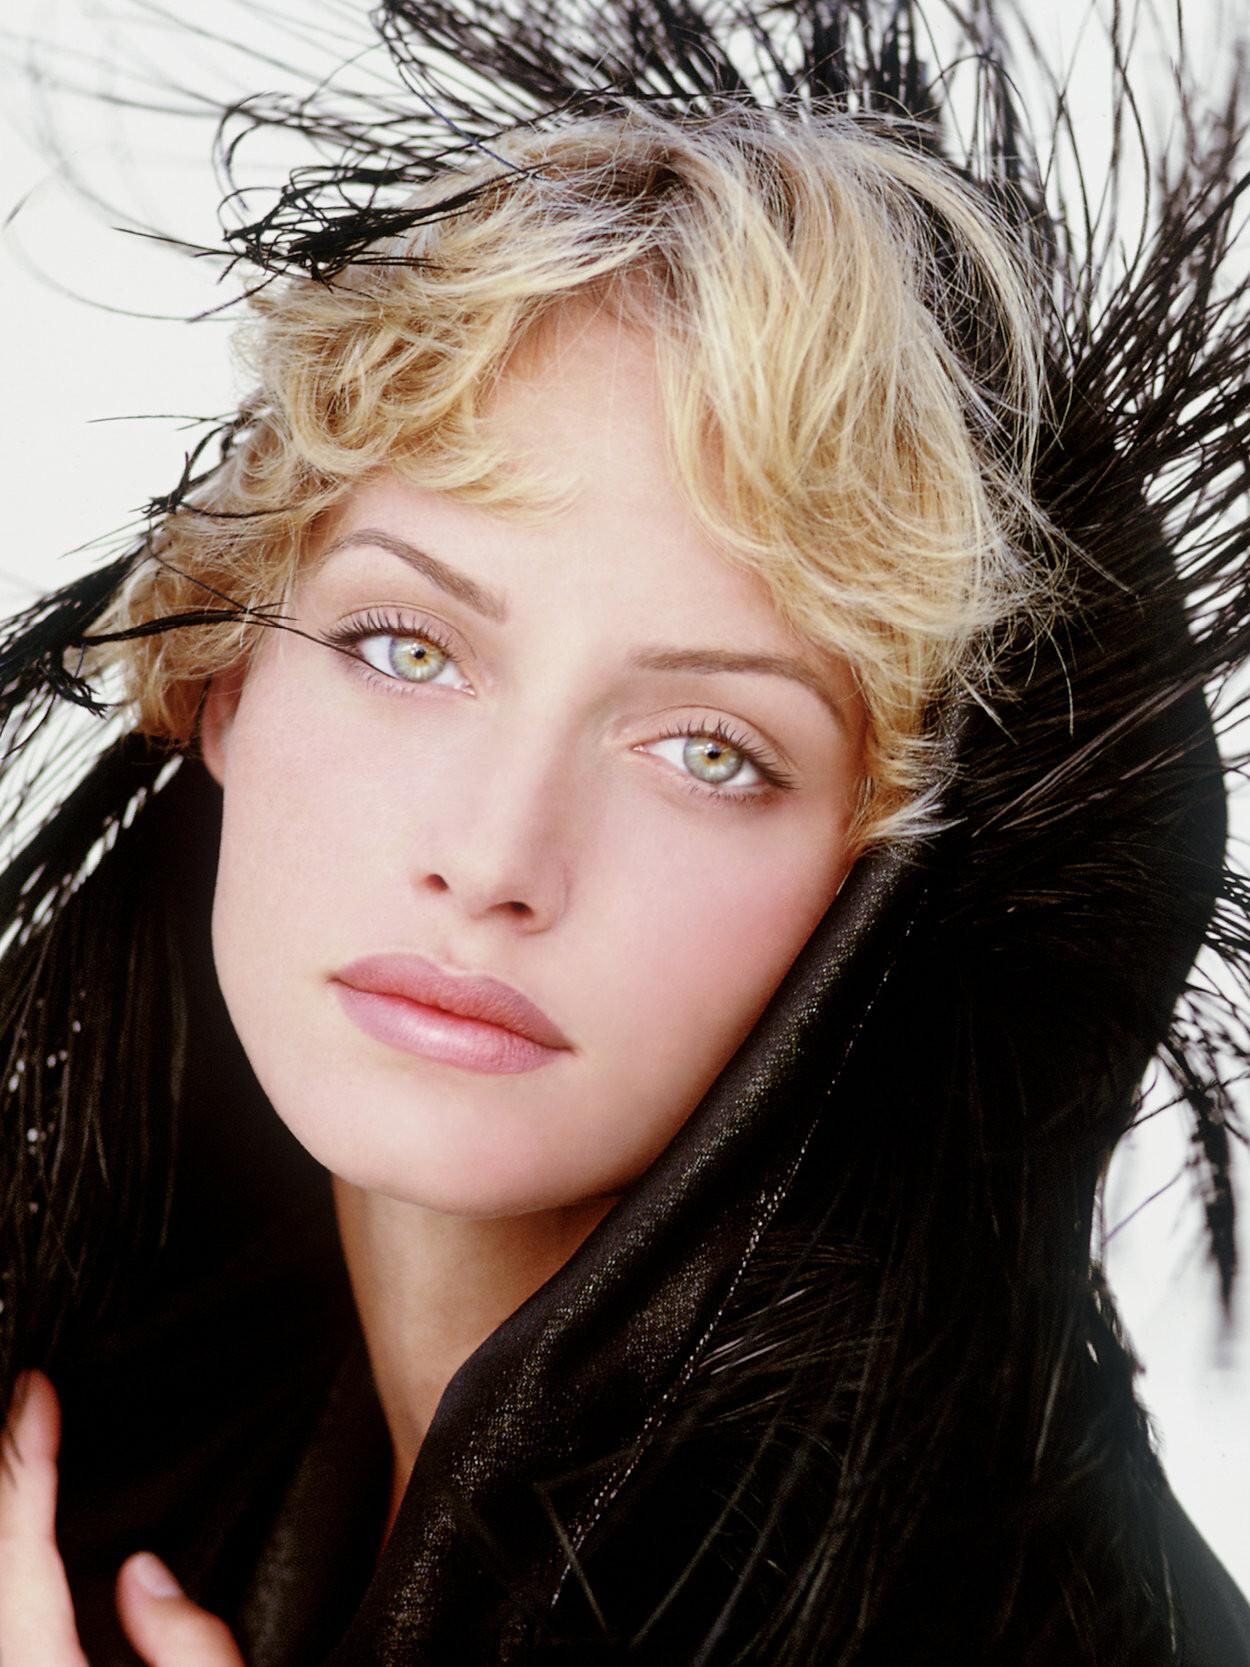 Эмбер Валлетта для британского Elle, 1992. Фотограф Марко Главиано